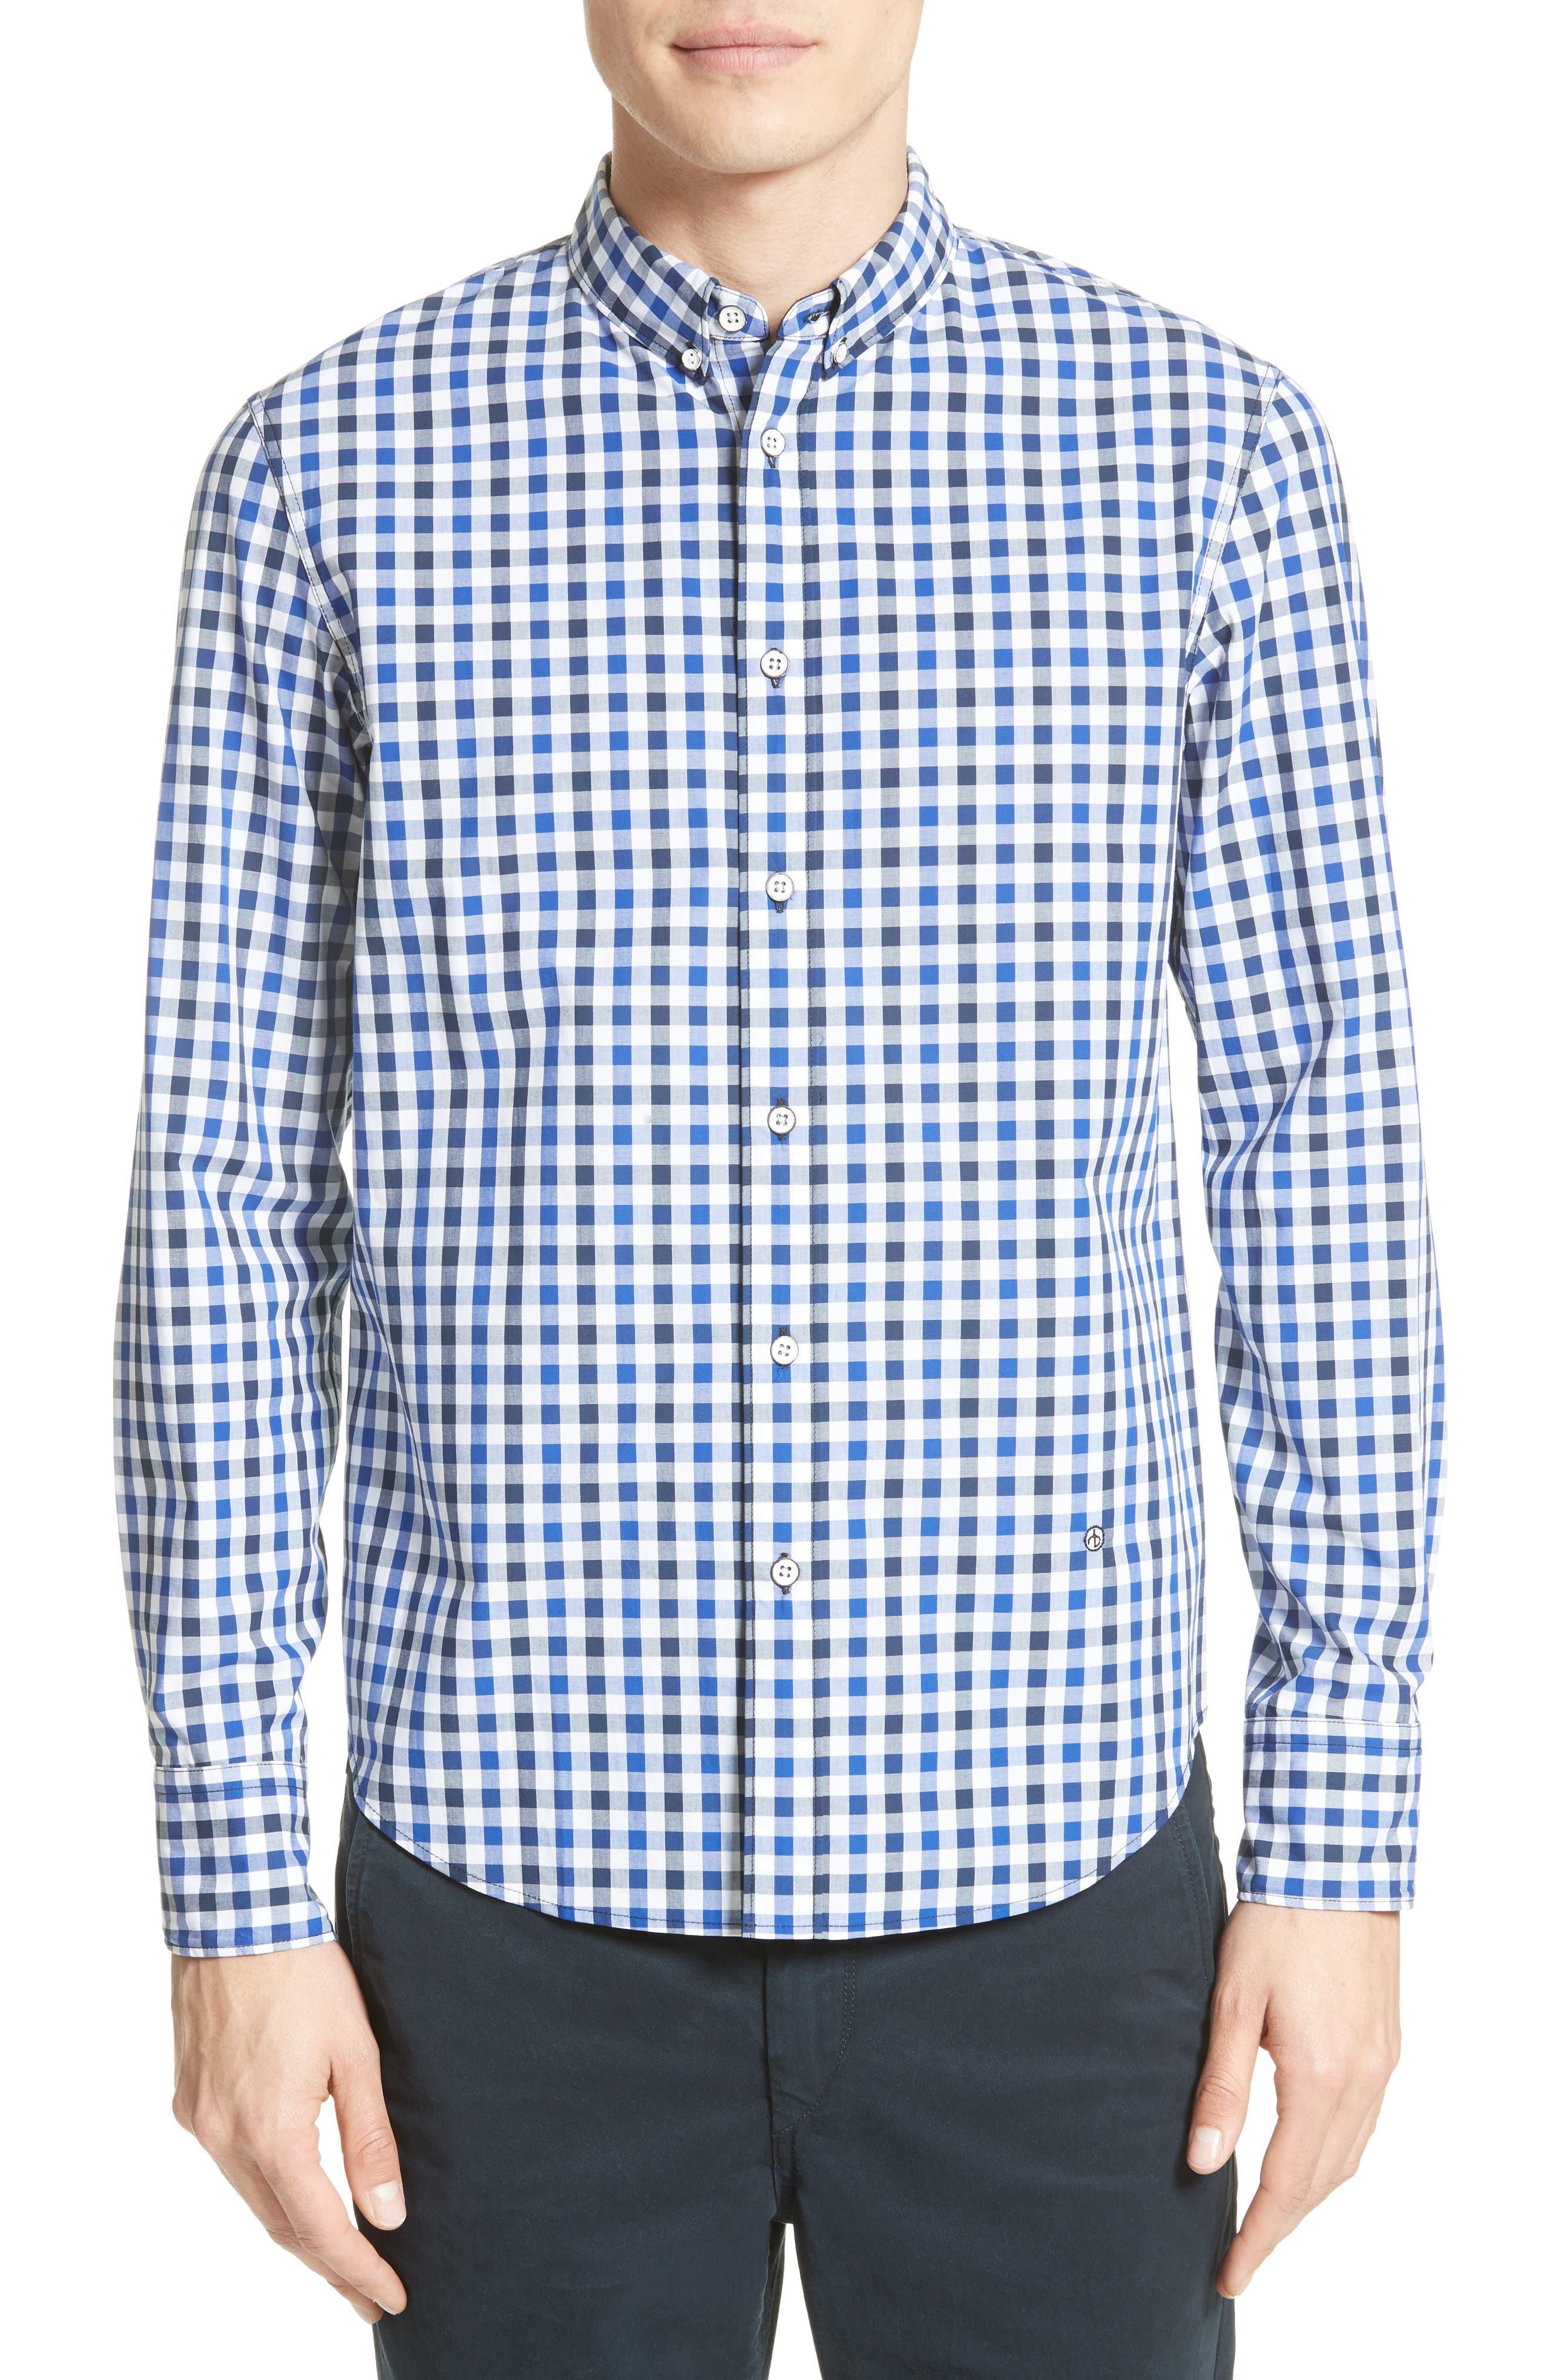 Tomlin Check Sport Shirt,                             Main thumbnail 1, color,                             410